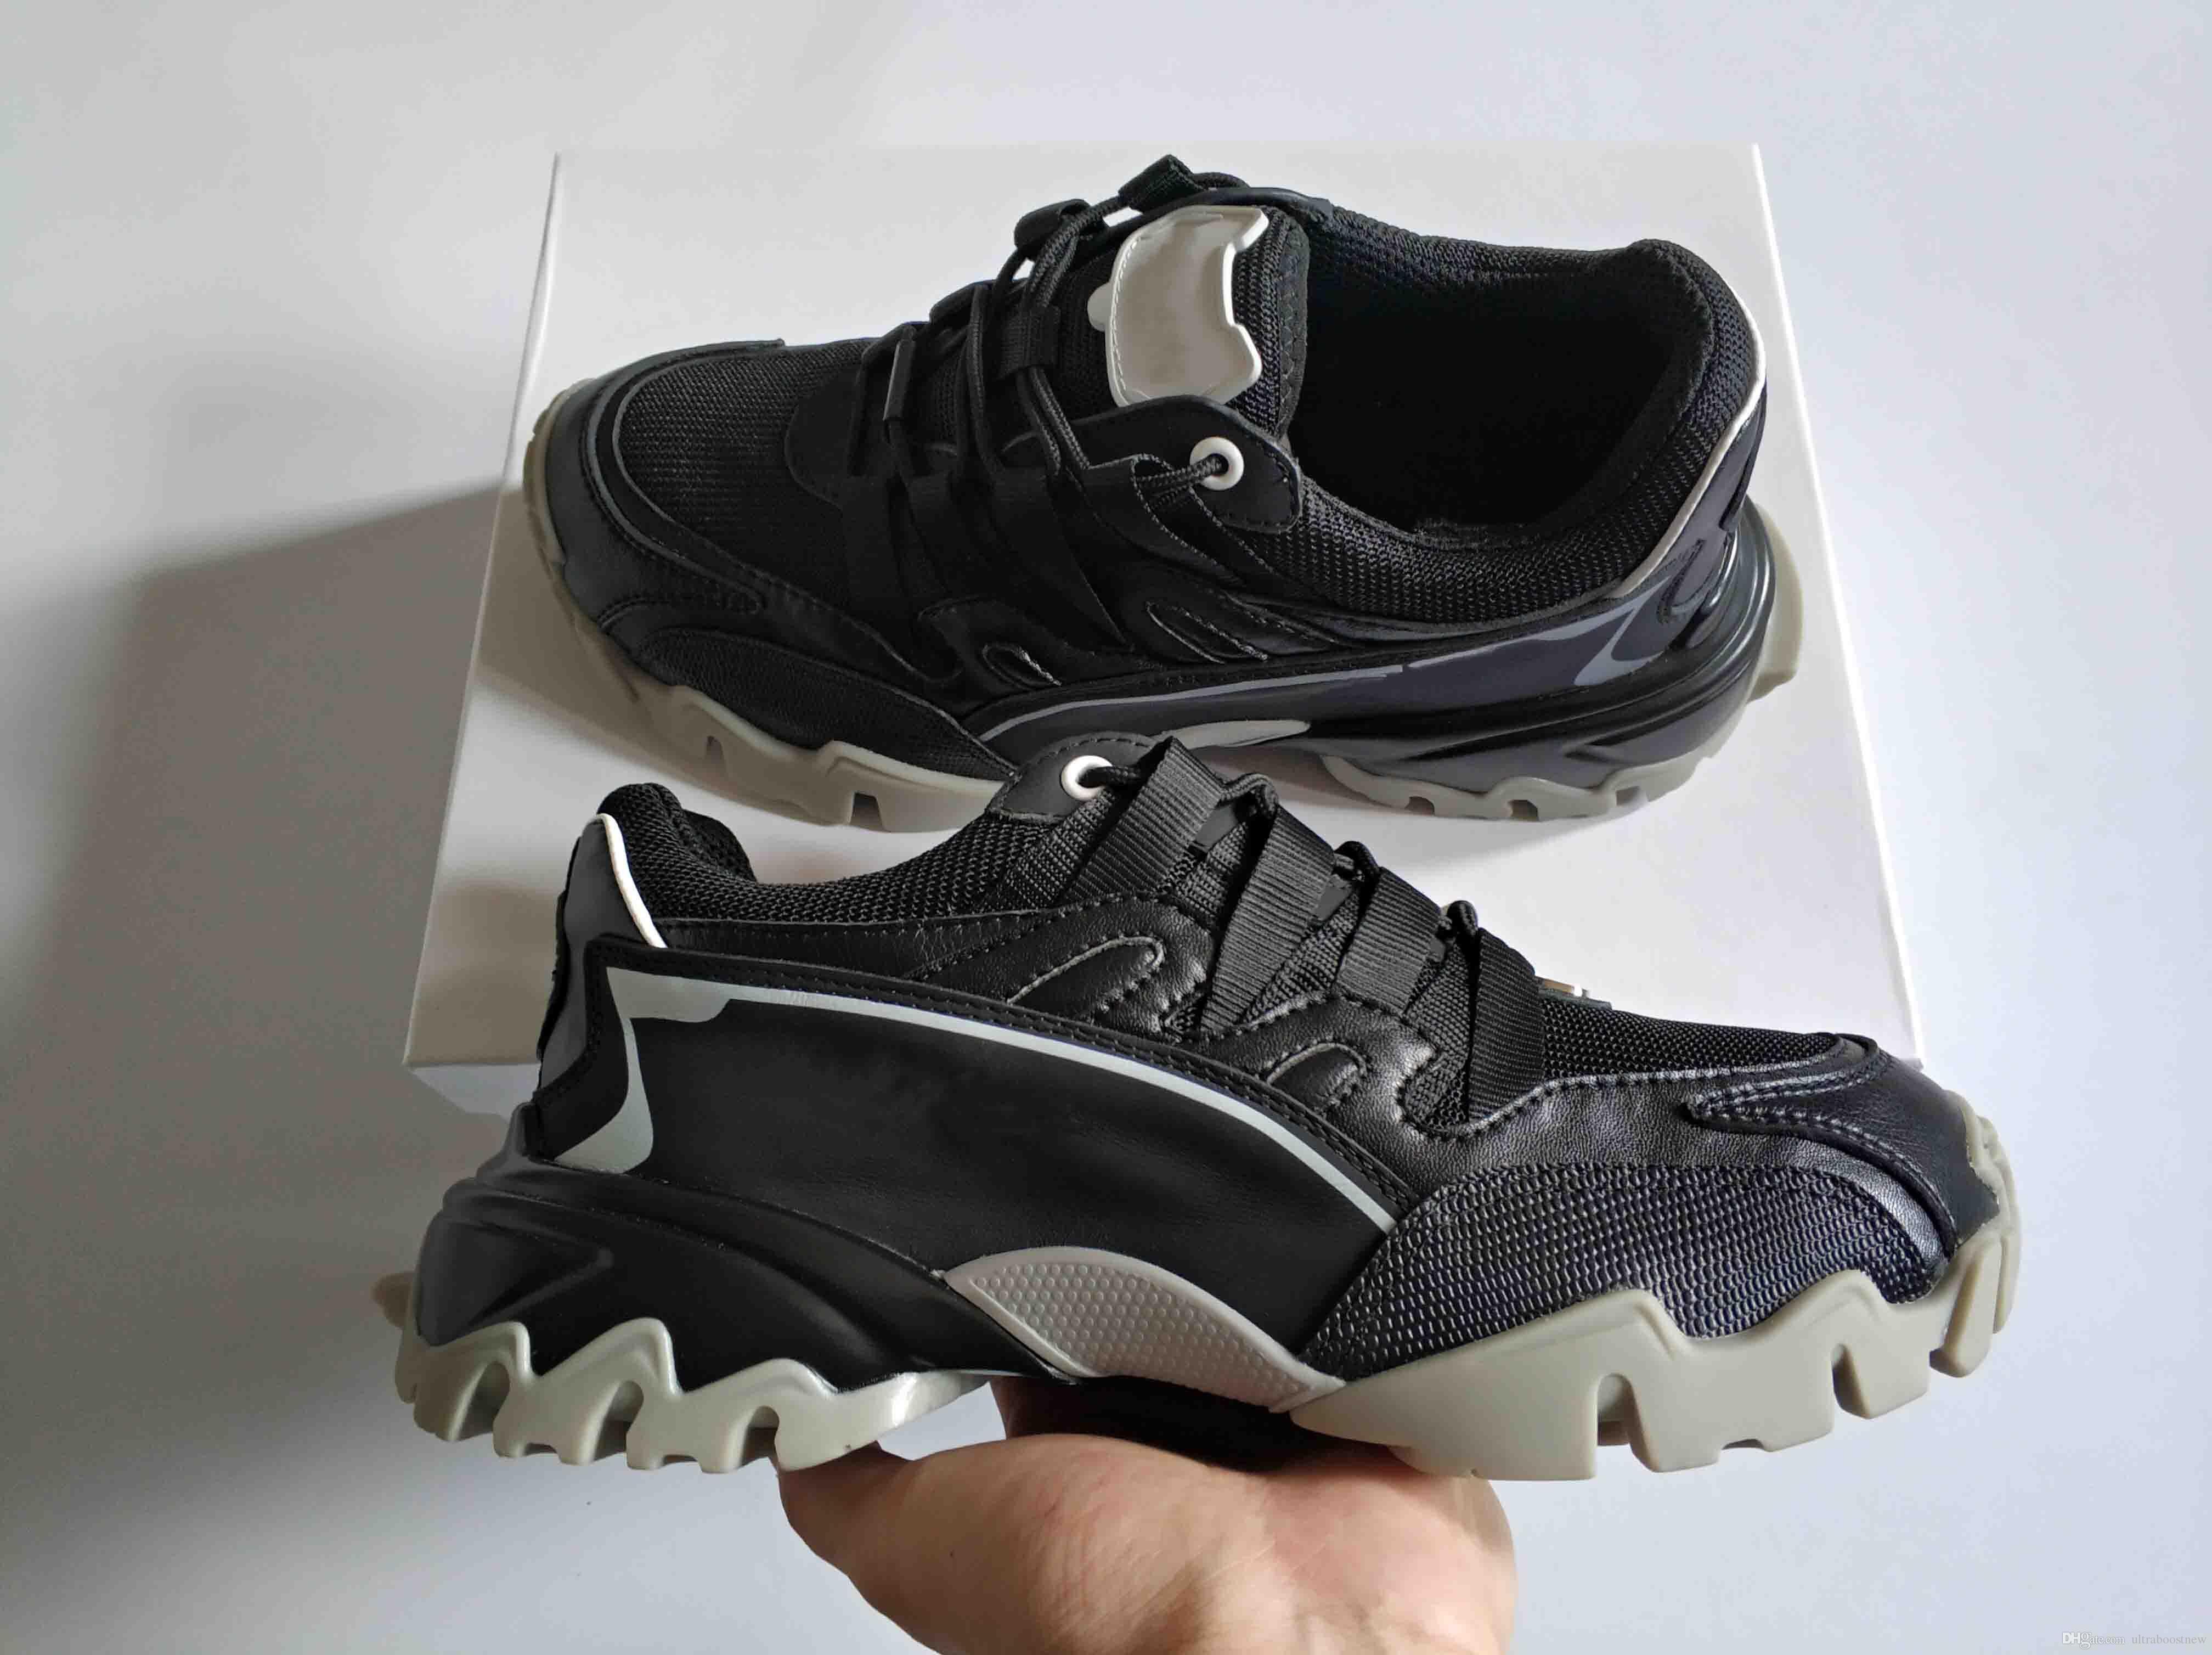 kutu 35-46 ile ayakkabılar en kaliteli çalışan kumaş gerçek deri 13 renk VLOGO Kauçuk taban ldesigner Yeni Moda Erkek Kadın dağcı spor ayakkabısı